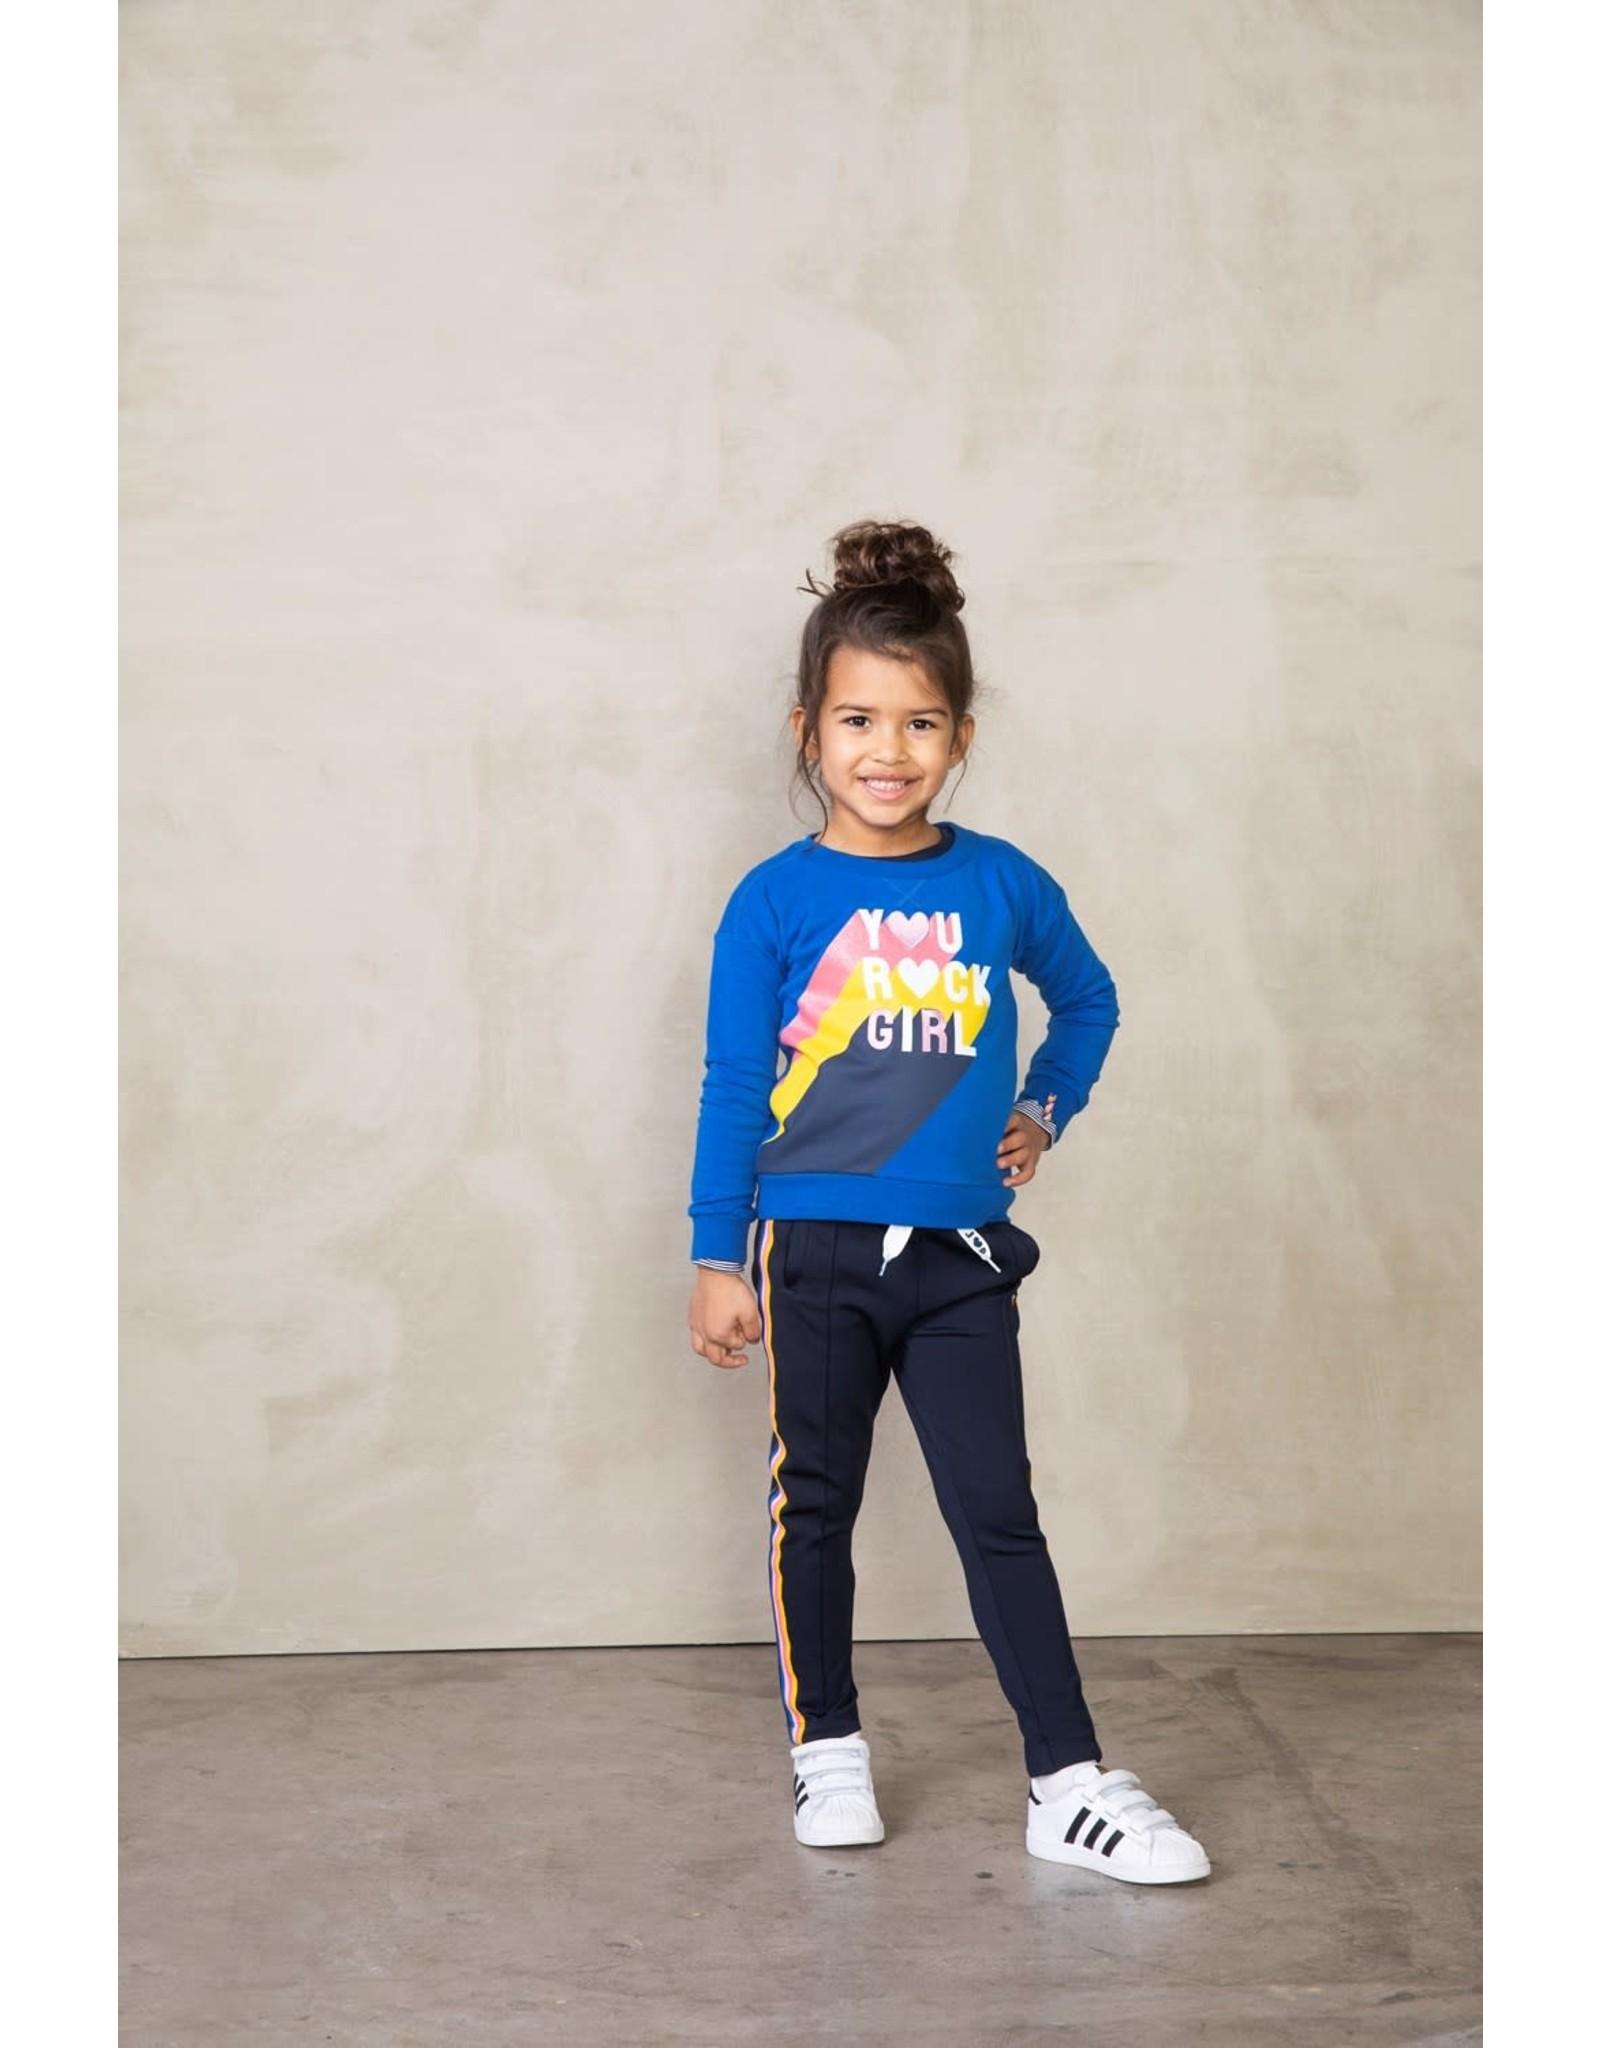 Jubel Jubel meisjes sweater you rock girl Kobalt